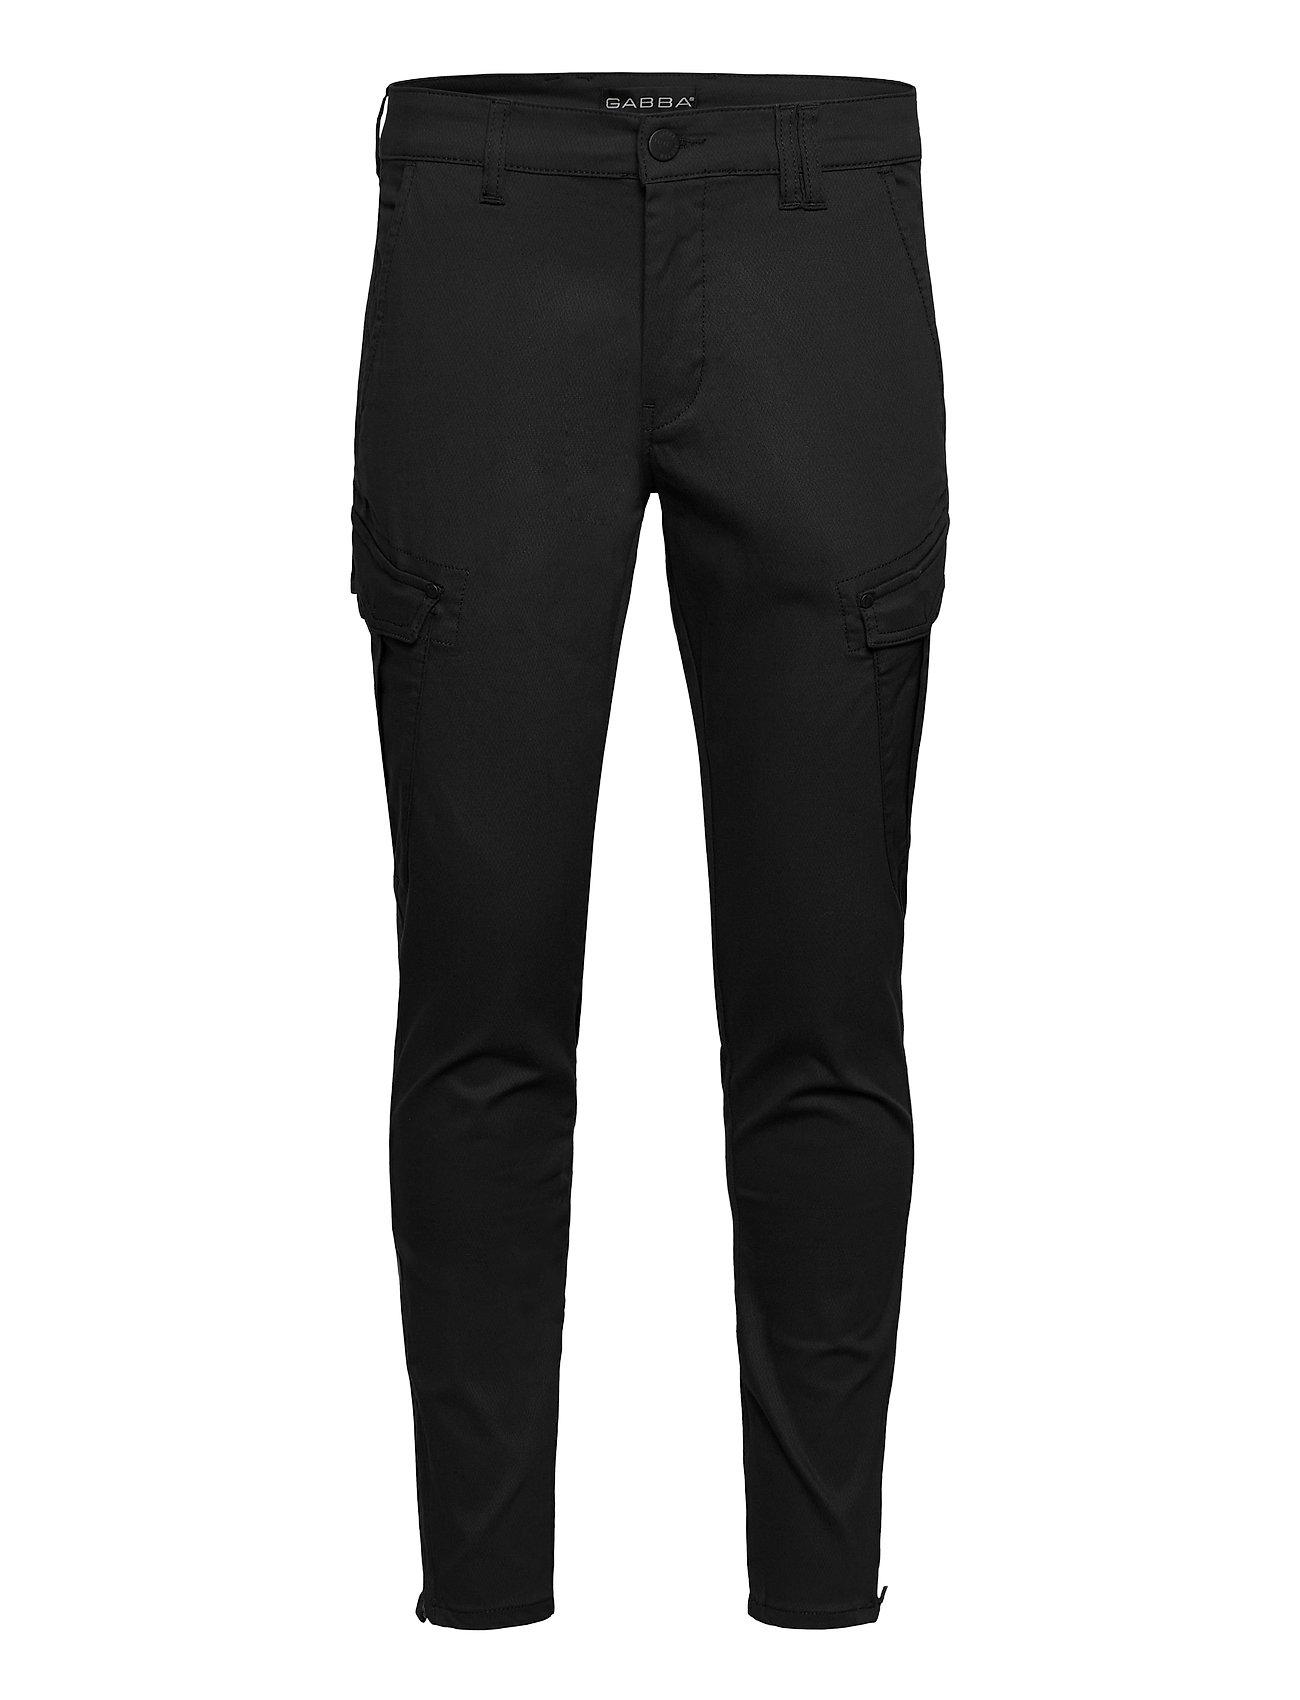 Image of Pisa Cargo K3280 Dale Pant Trousers Cargo Pants Sort Gabba (3453136777)